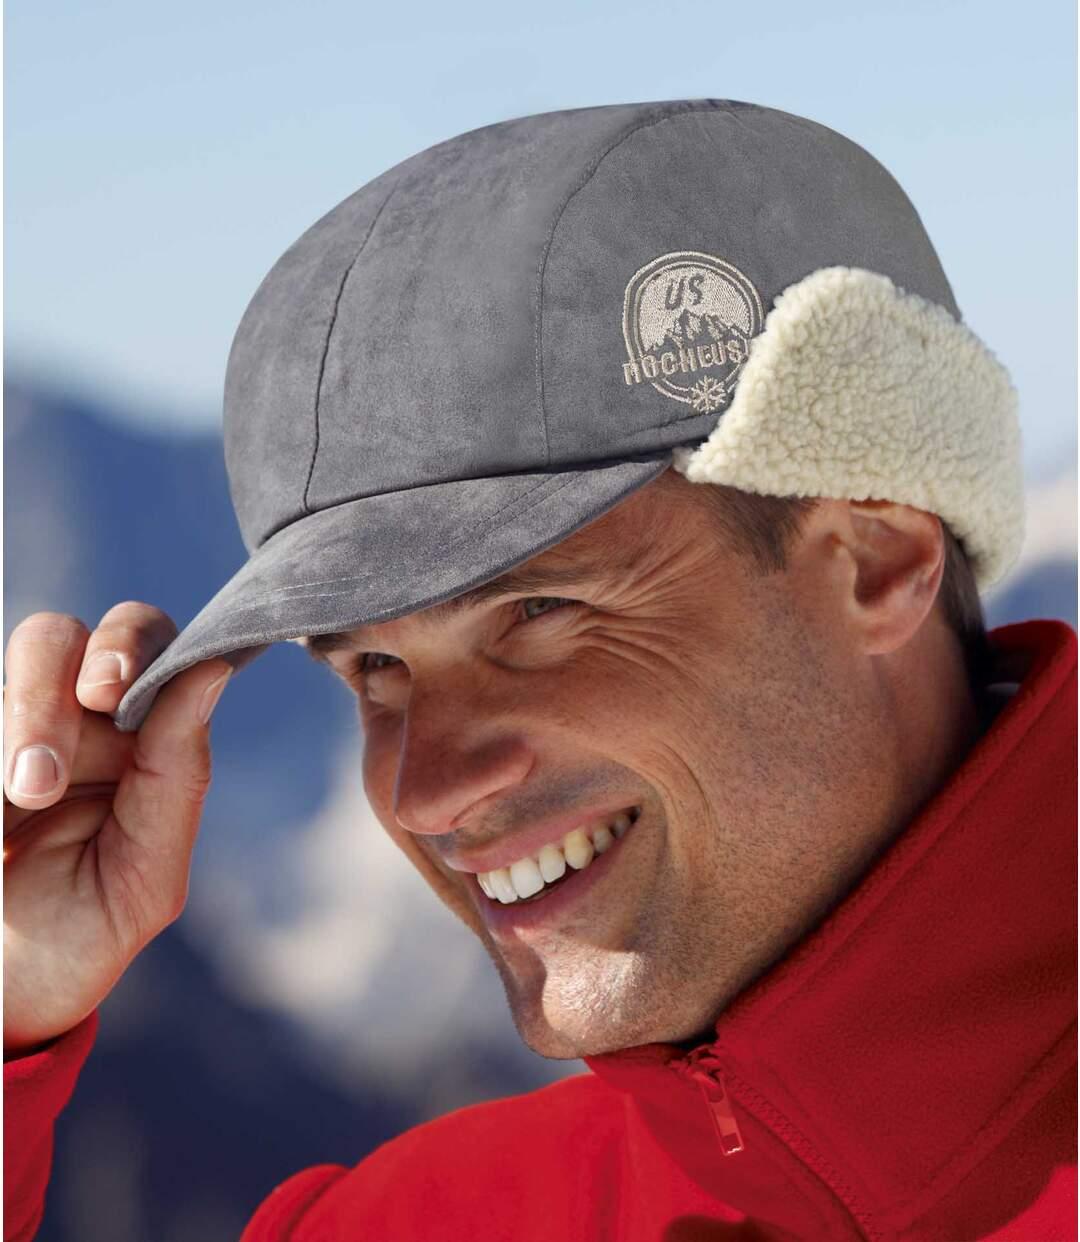 Suèdine winter pet met oorwarmers